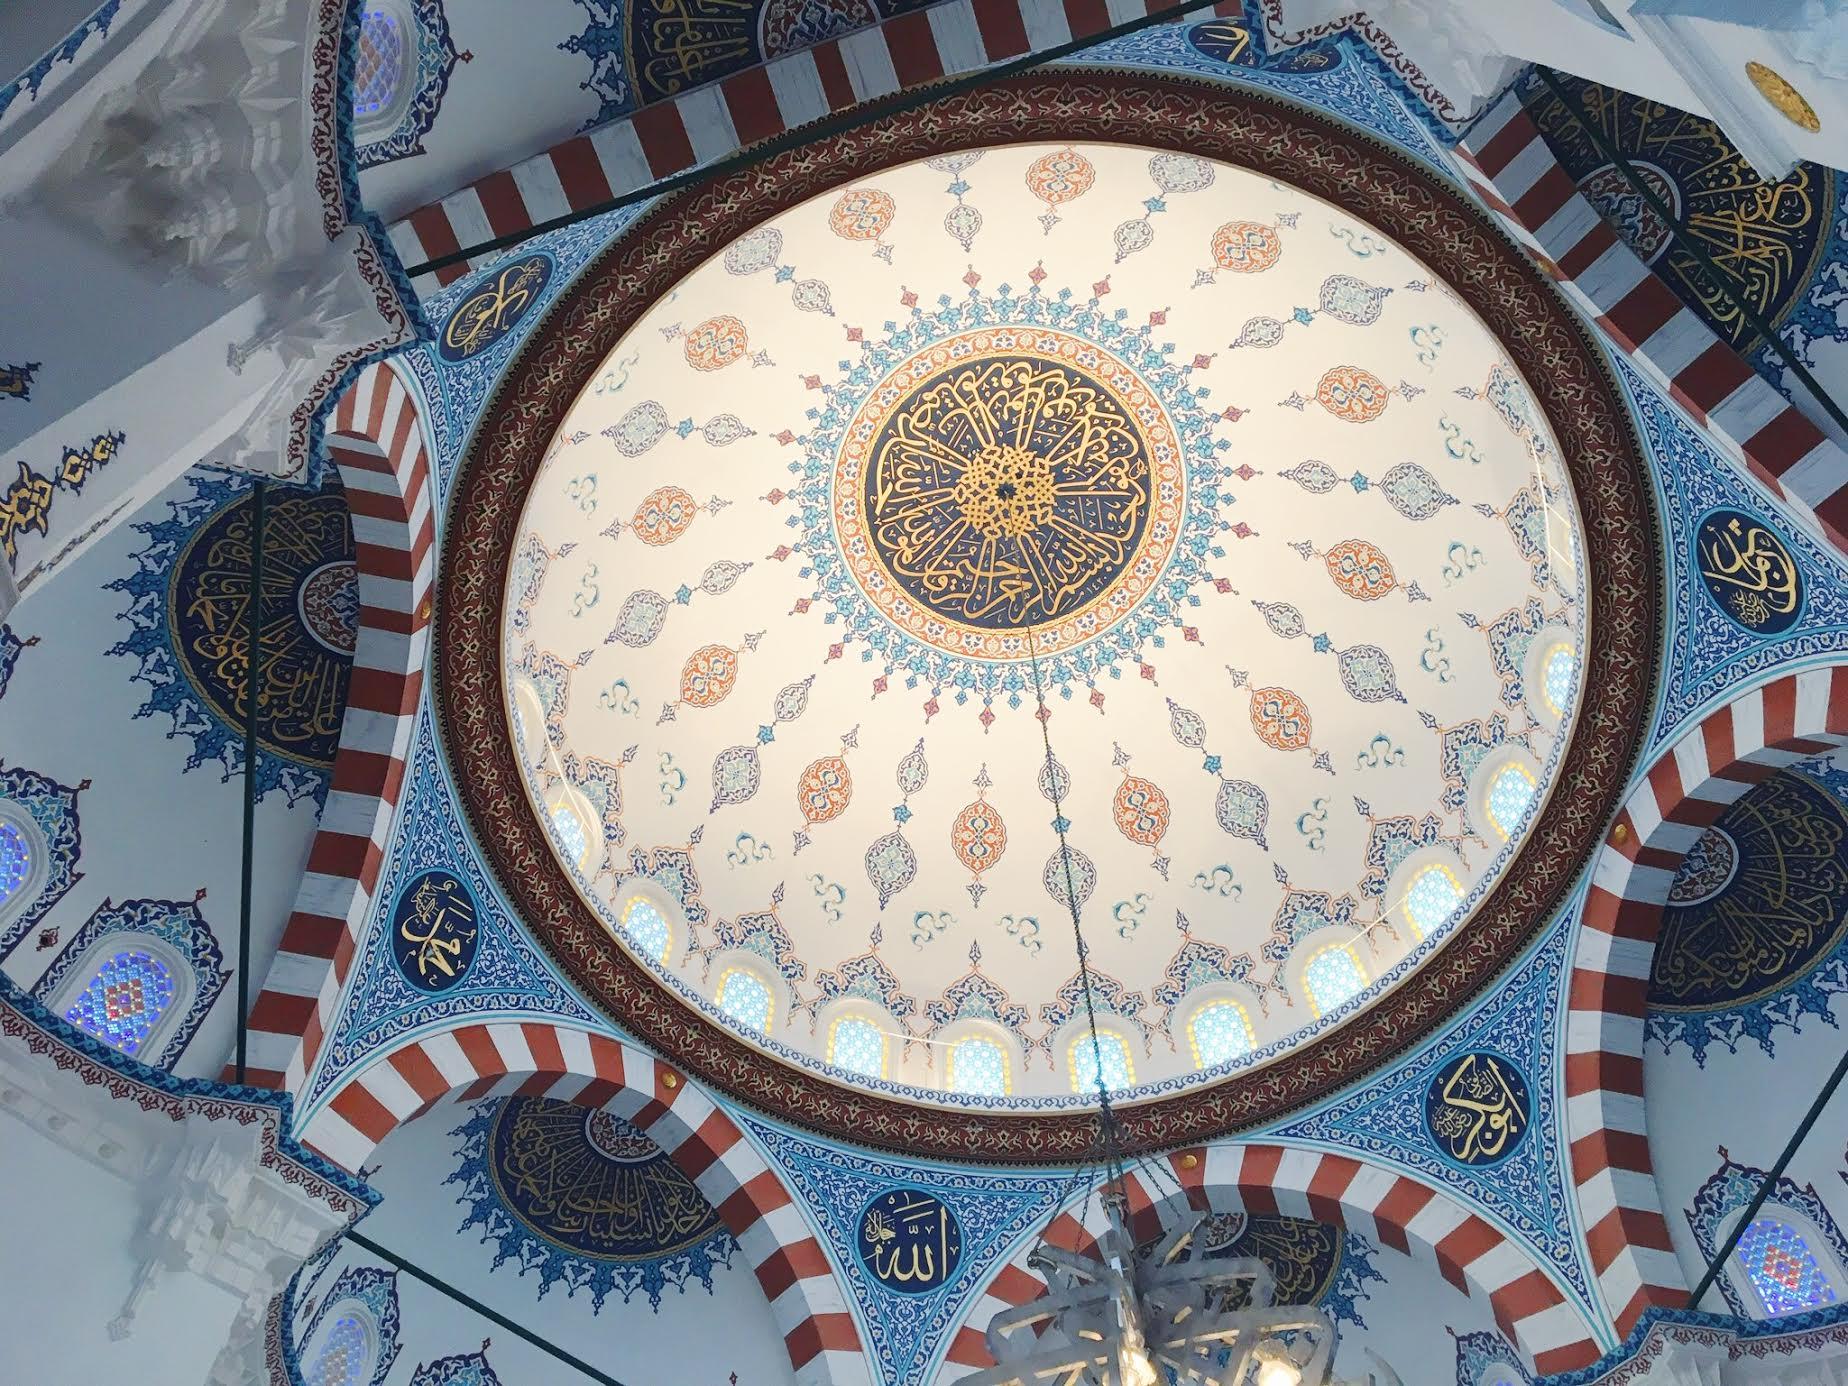 Muslim-travel-Tokyo-Mosque-ceiling2.jpg